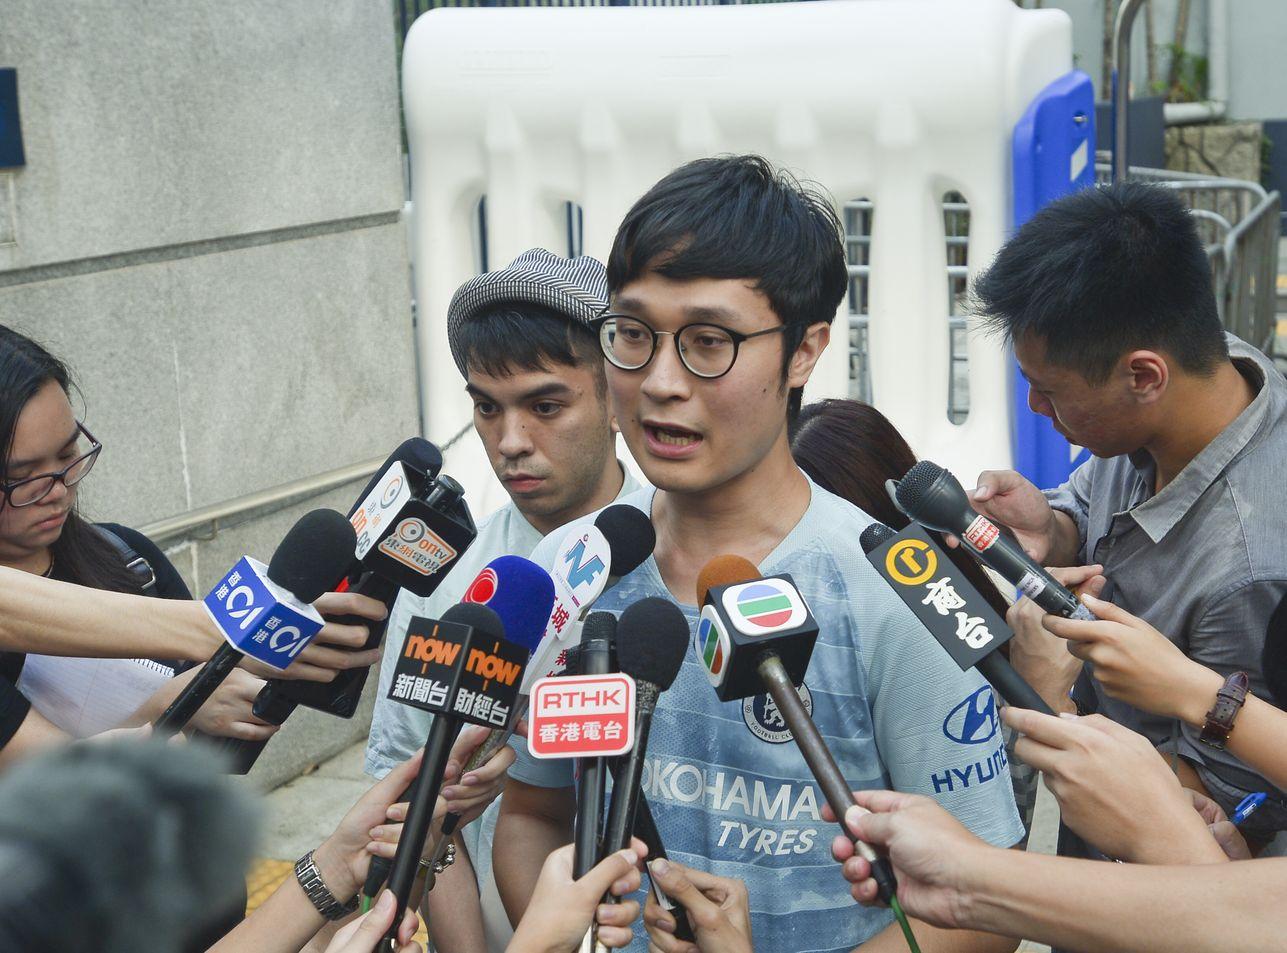 劉頴匡指,香港人面對全方位打壓,只是比過去更慘烈。資料圖片